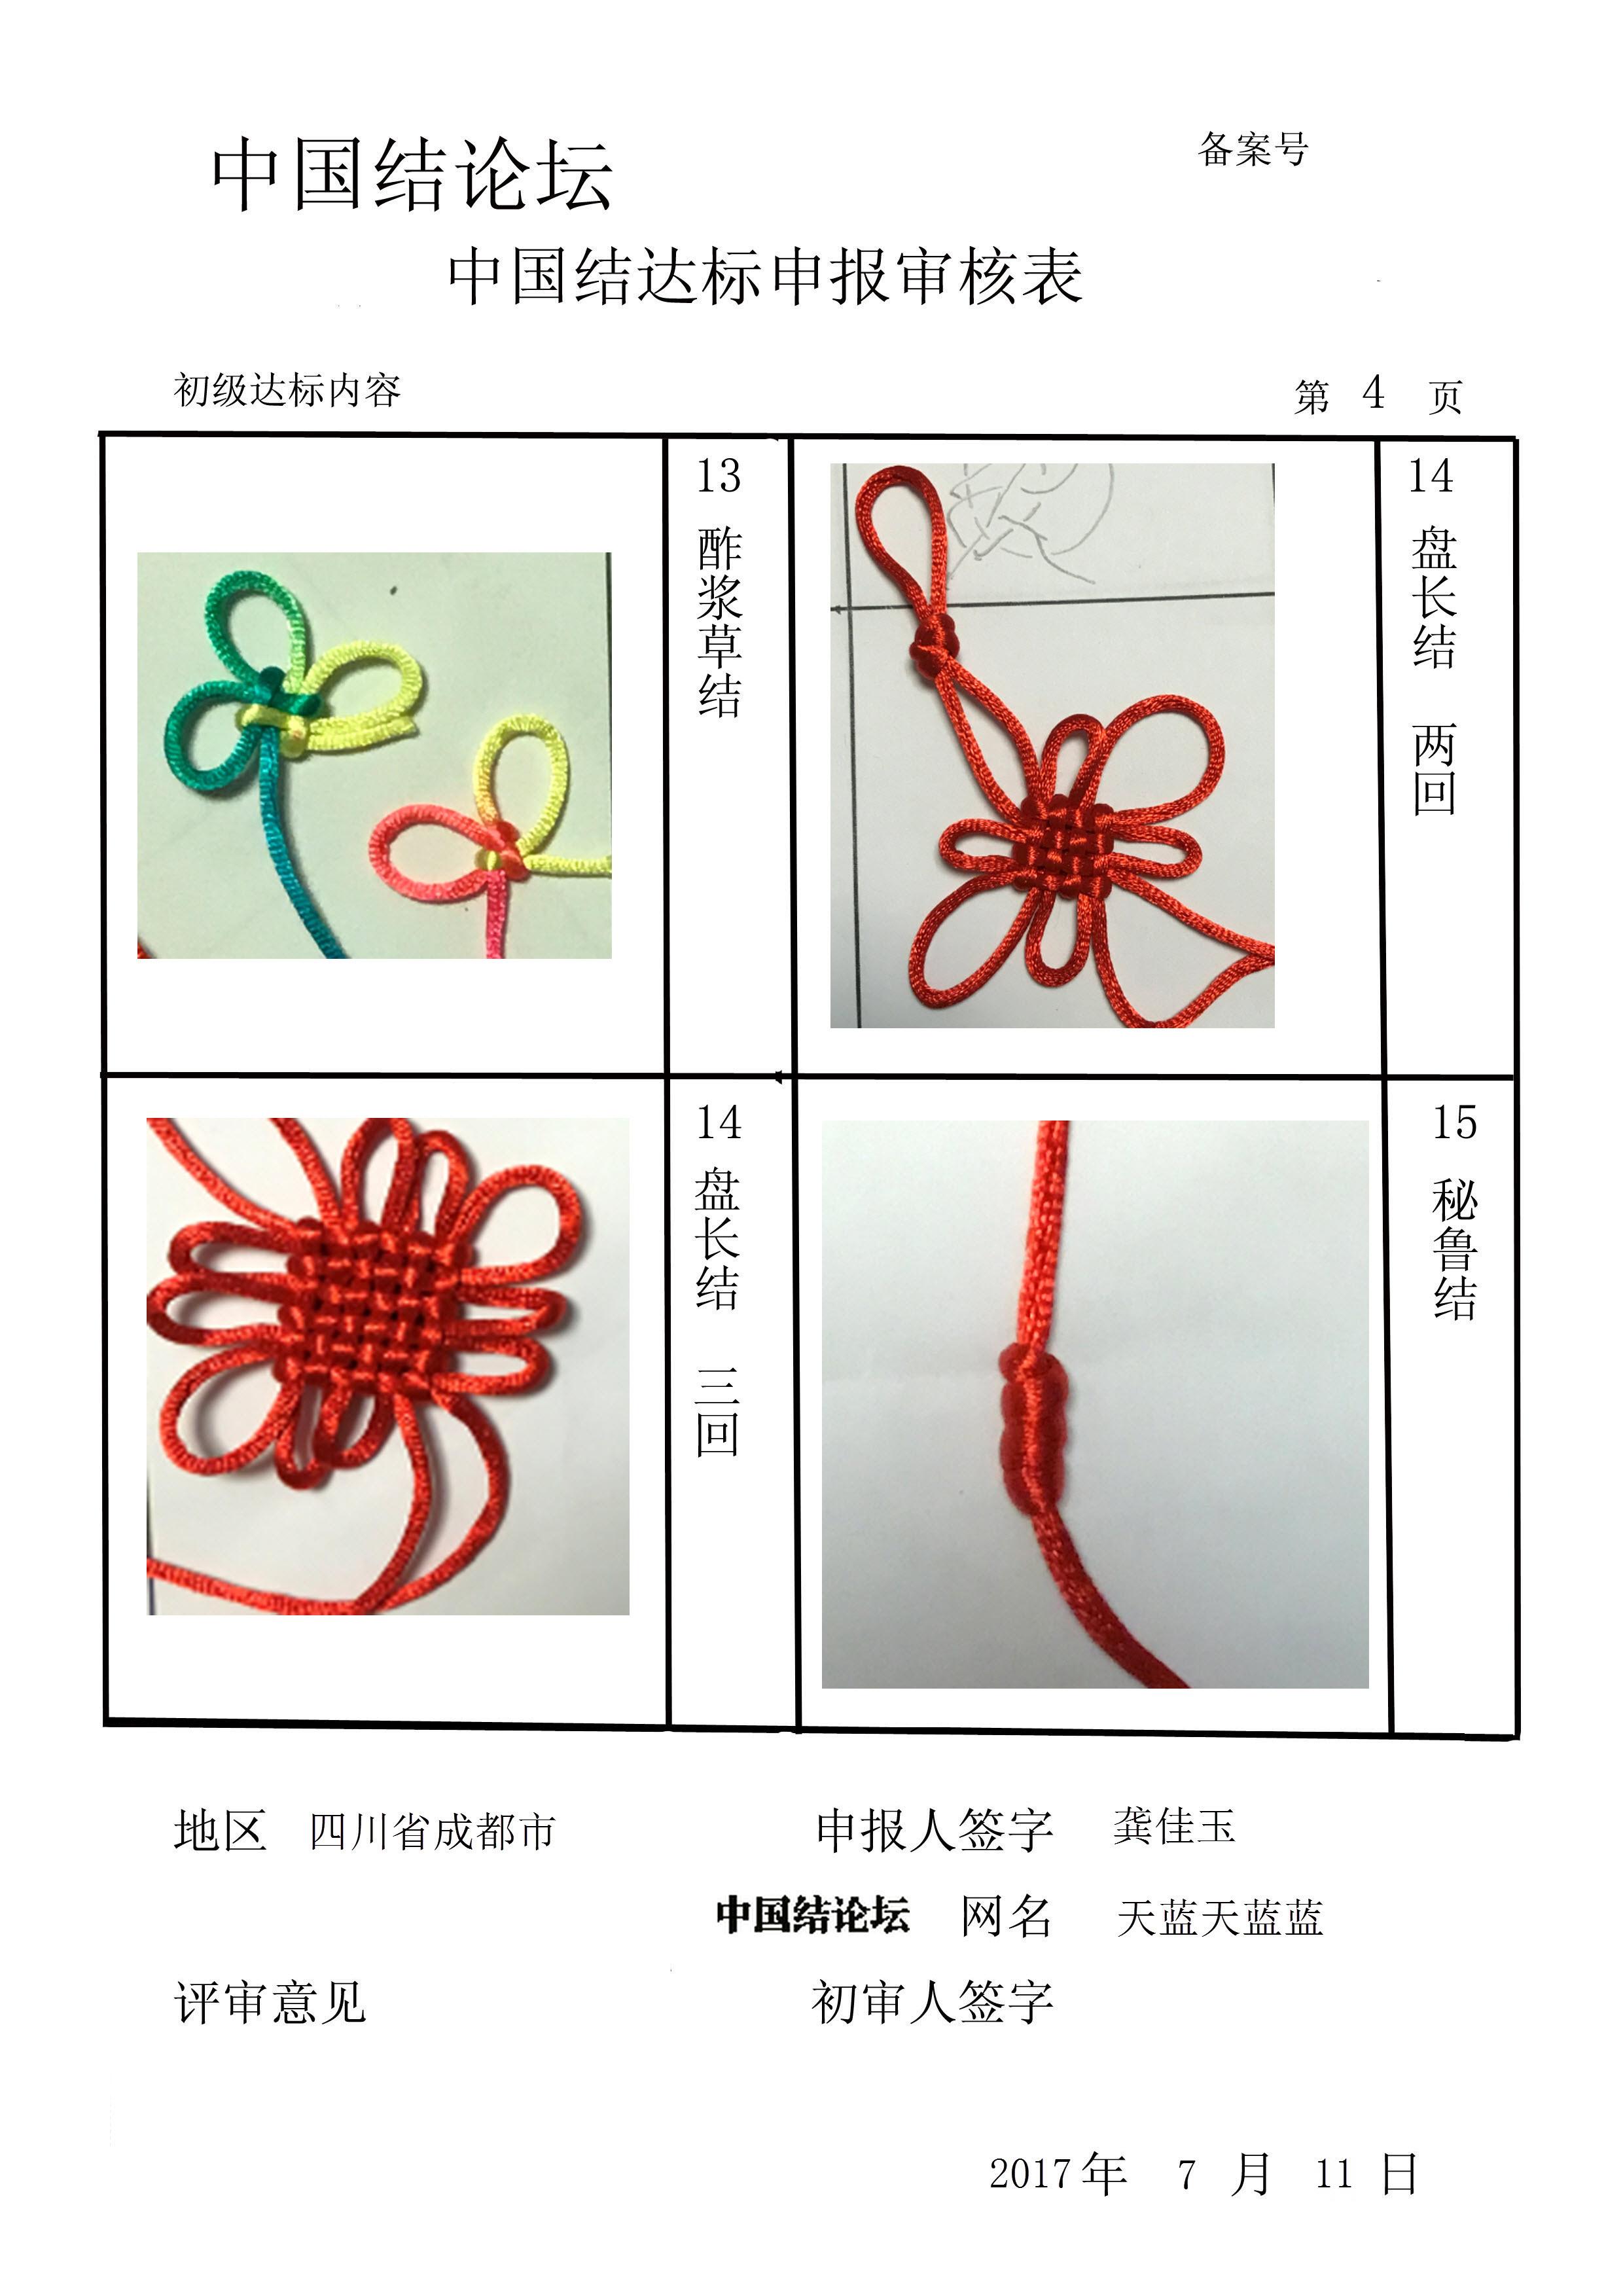 中国结论坛 天蓝天蓝蓝------初级达标审核稿 经过一个多月的努力,终于完成了,请老师提意见  中国绳结艺术分级达标审核 144201cppxhh5hfzf5k9p2